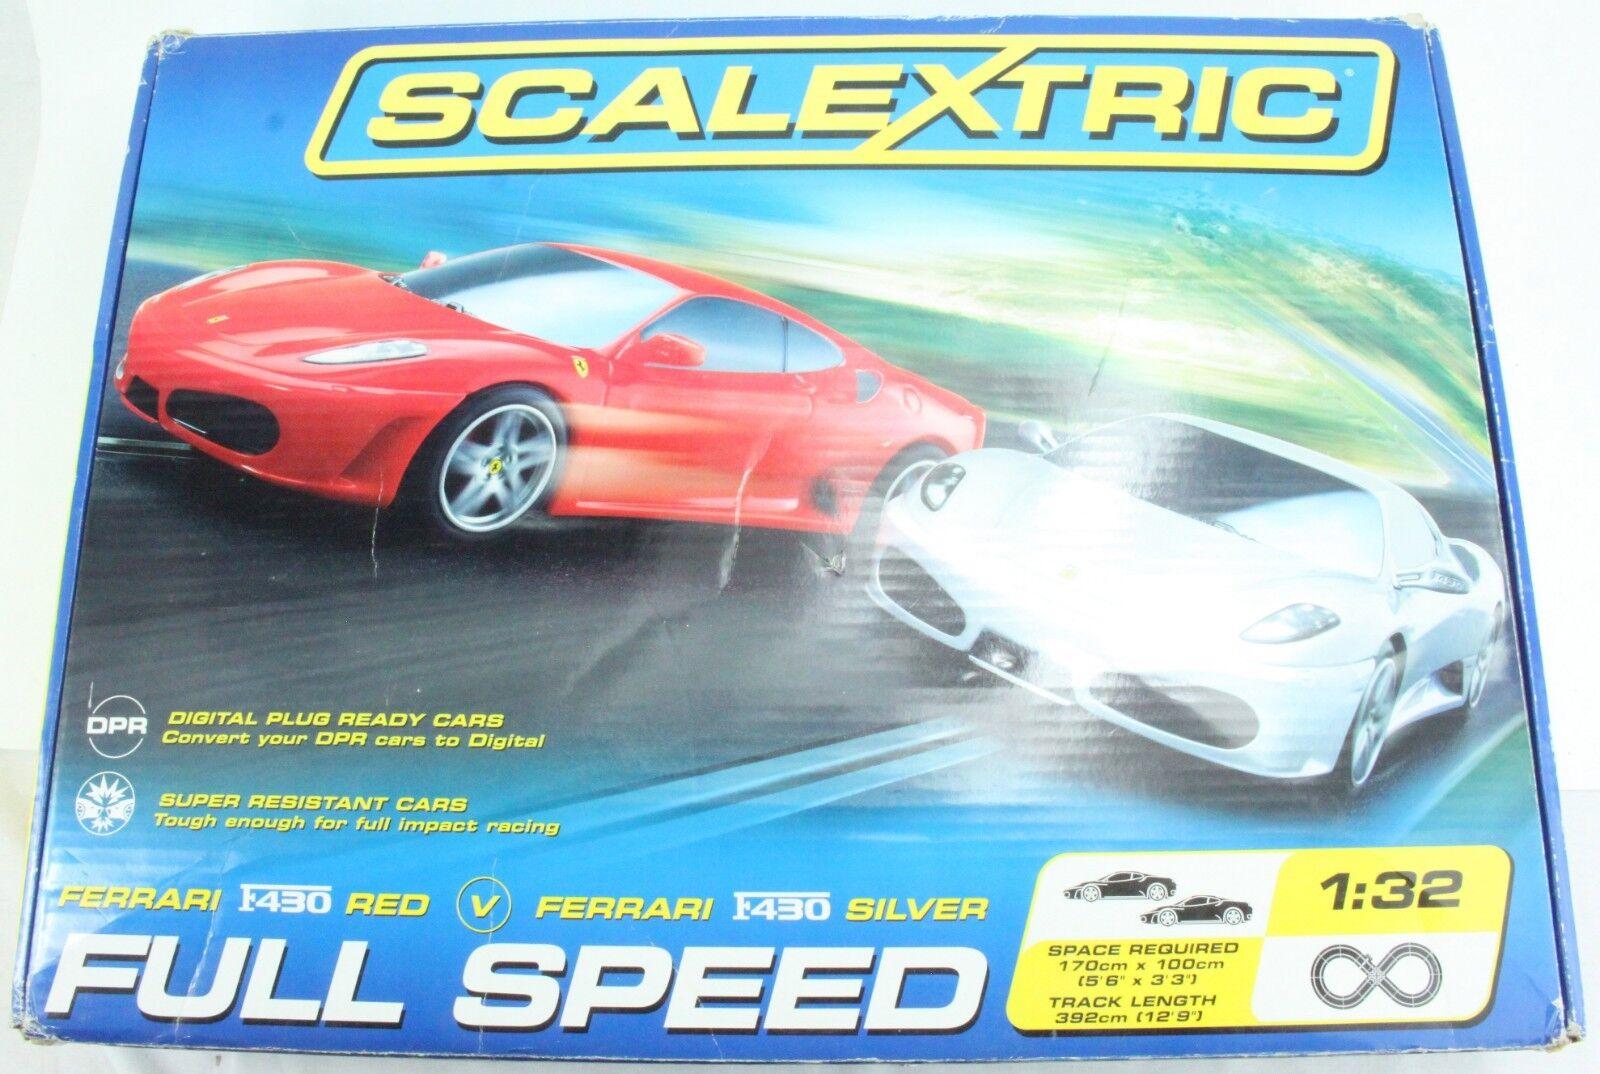 1 32 SCALEXTRIC C1225 FULL SPEED SET (D27)